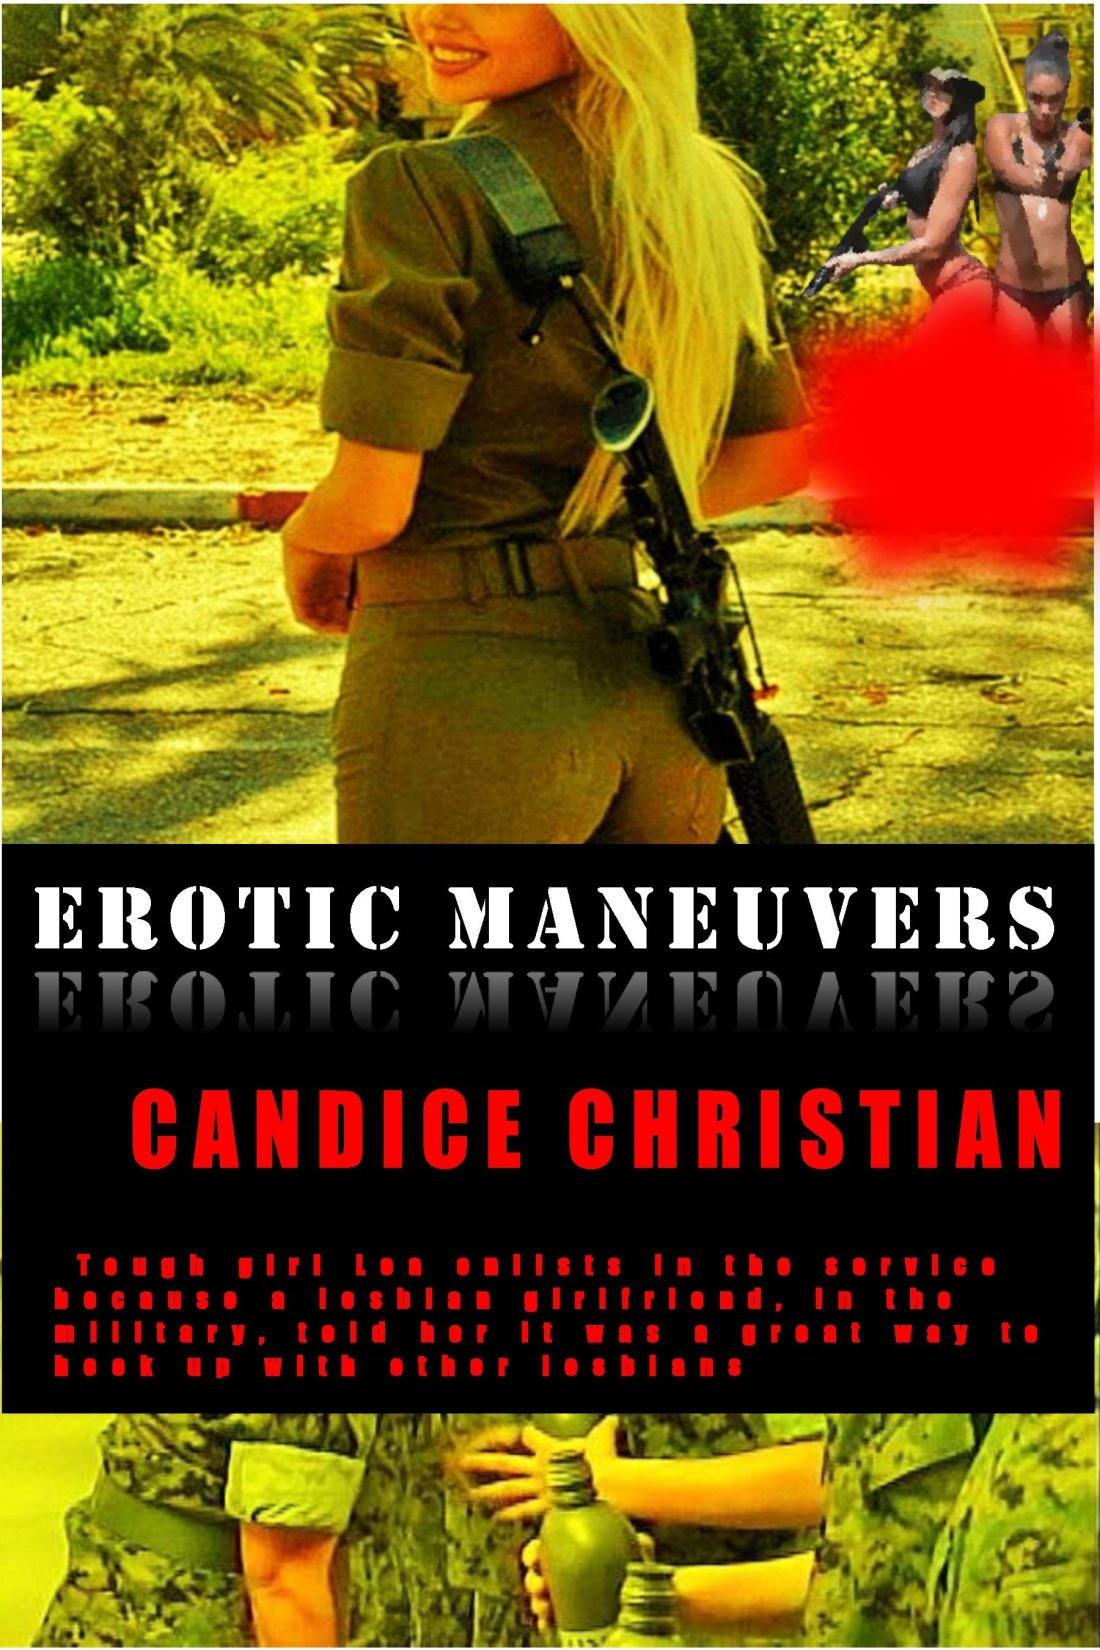 erotic maneuvers cover